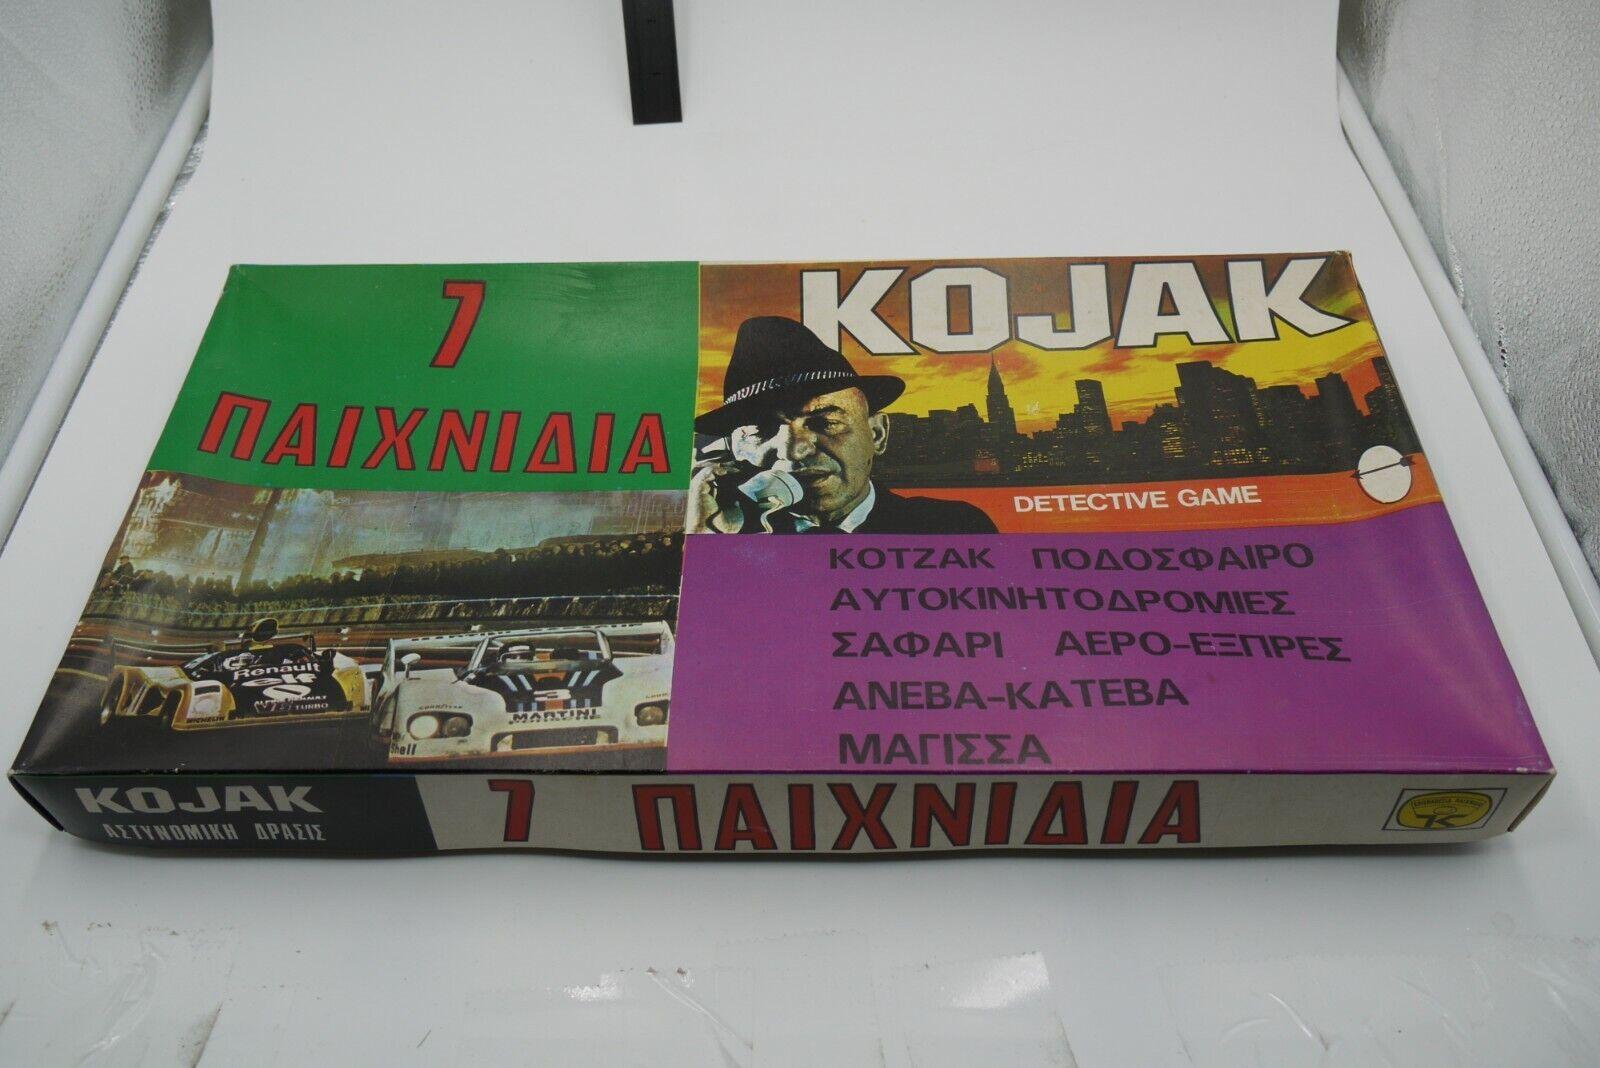 VINTAGE 70'S 7 giocoS  COLLECTION GREEK tavola gioco KOLIOPOYLOS completare  negozio online